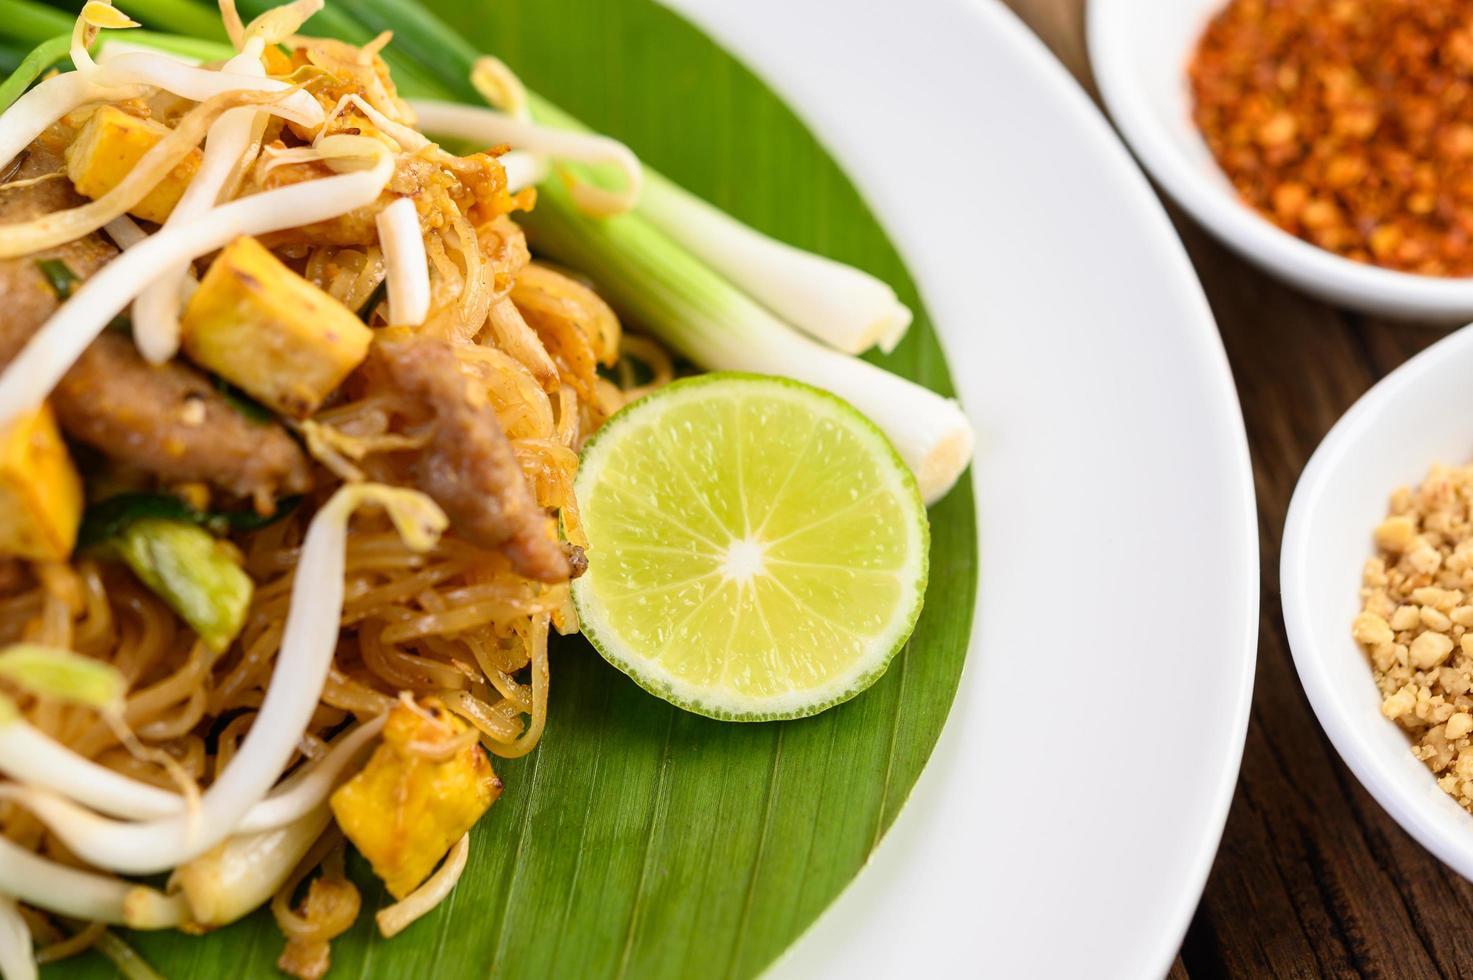 Plat de pad thaï sur une feuille de bananier photo